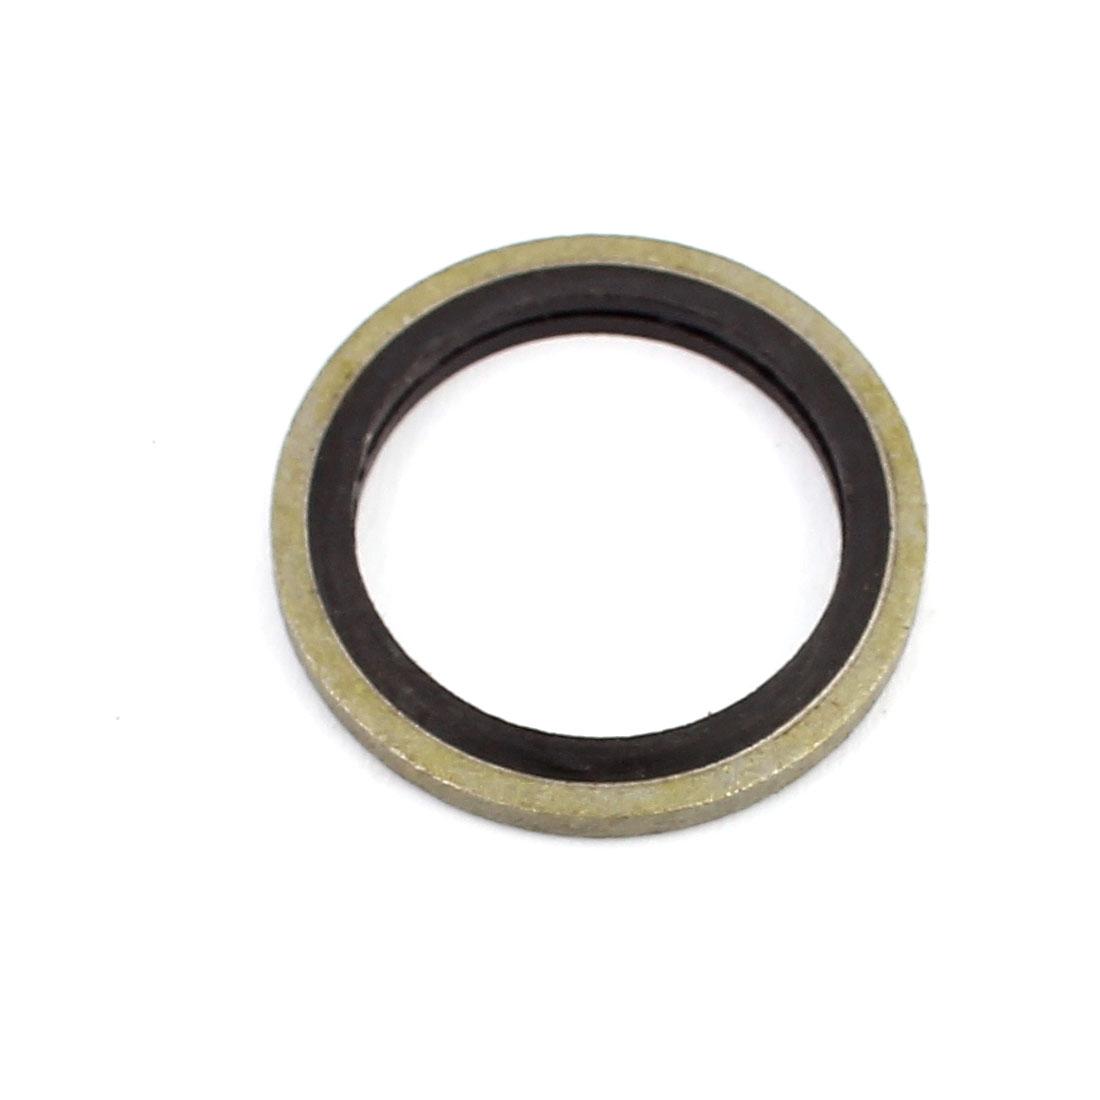 Unique Bargains30pcs 18mmx25mm Rubber Metal Combination Ring Resistant Oil Sealing Ring Gasket - image 1 de 2